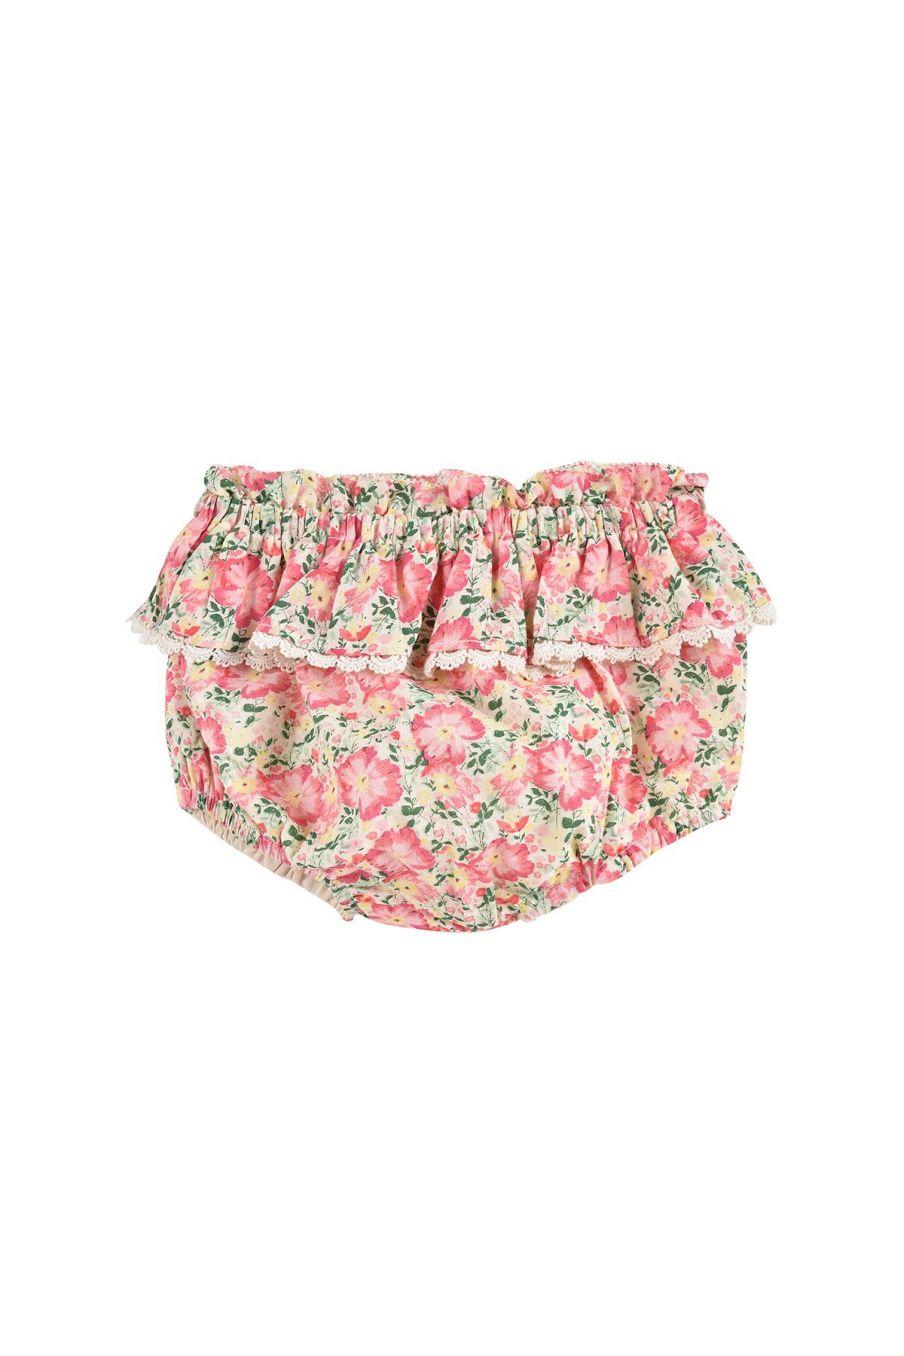 boheme chic vintage bloomer bébé fille calakmul pink meadow